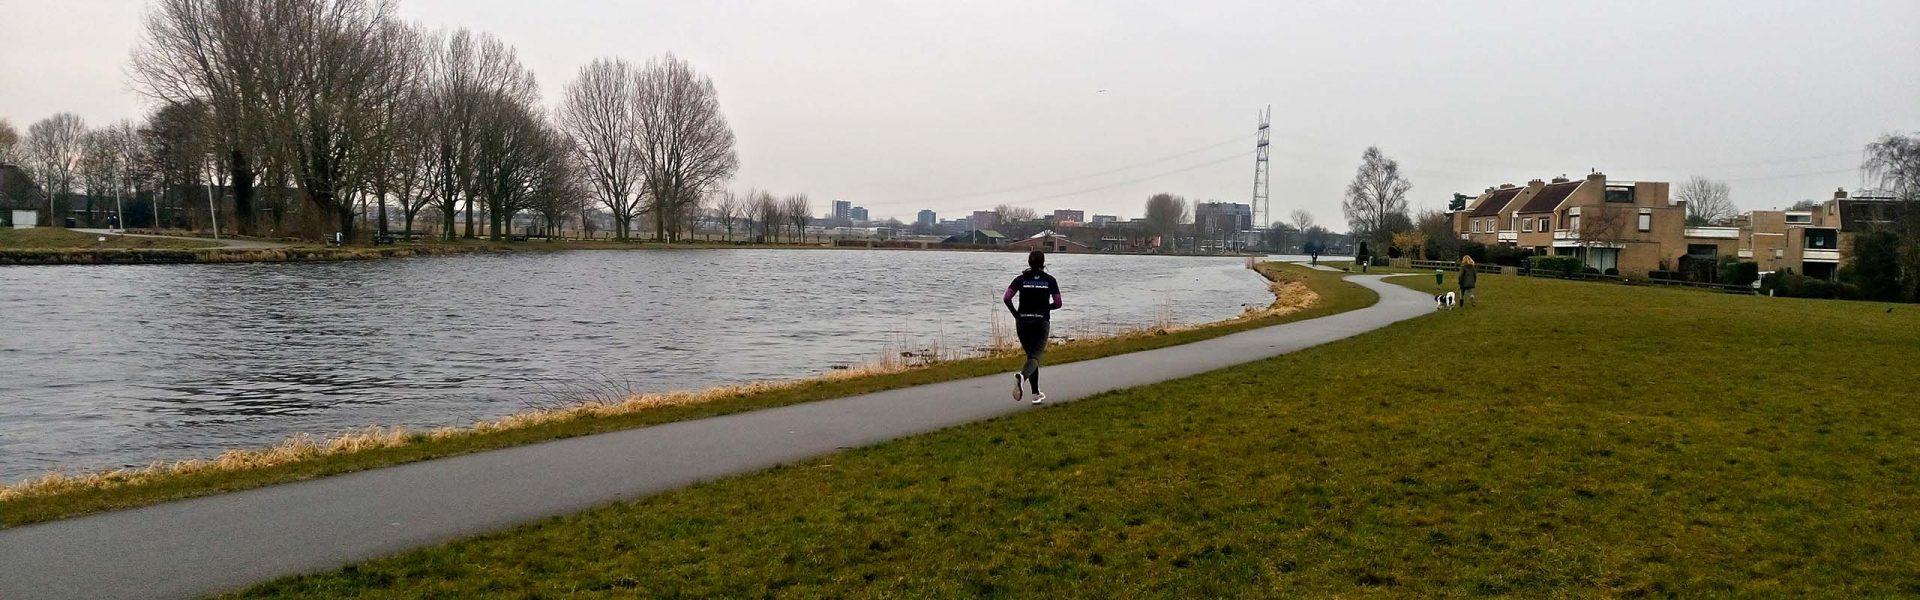 Kelly's eerste marathon: we zijn van start!